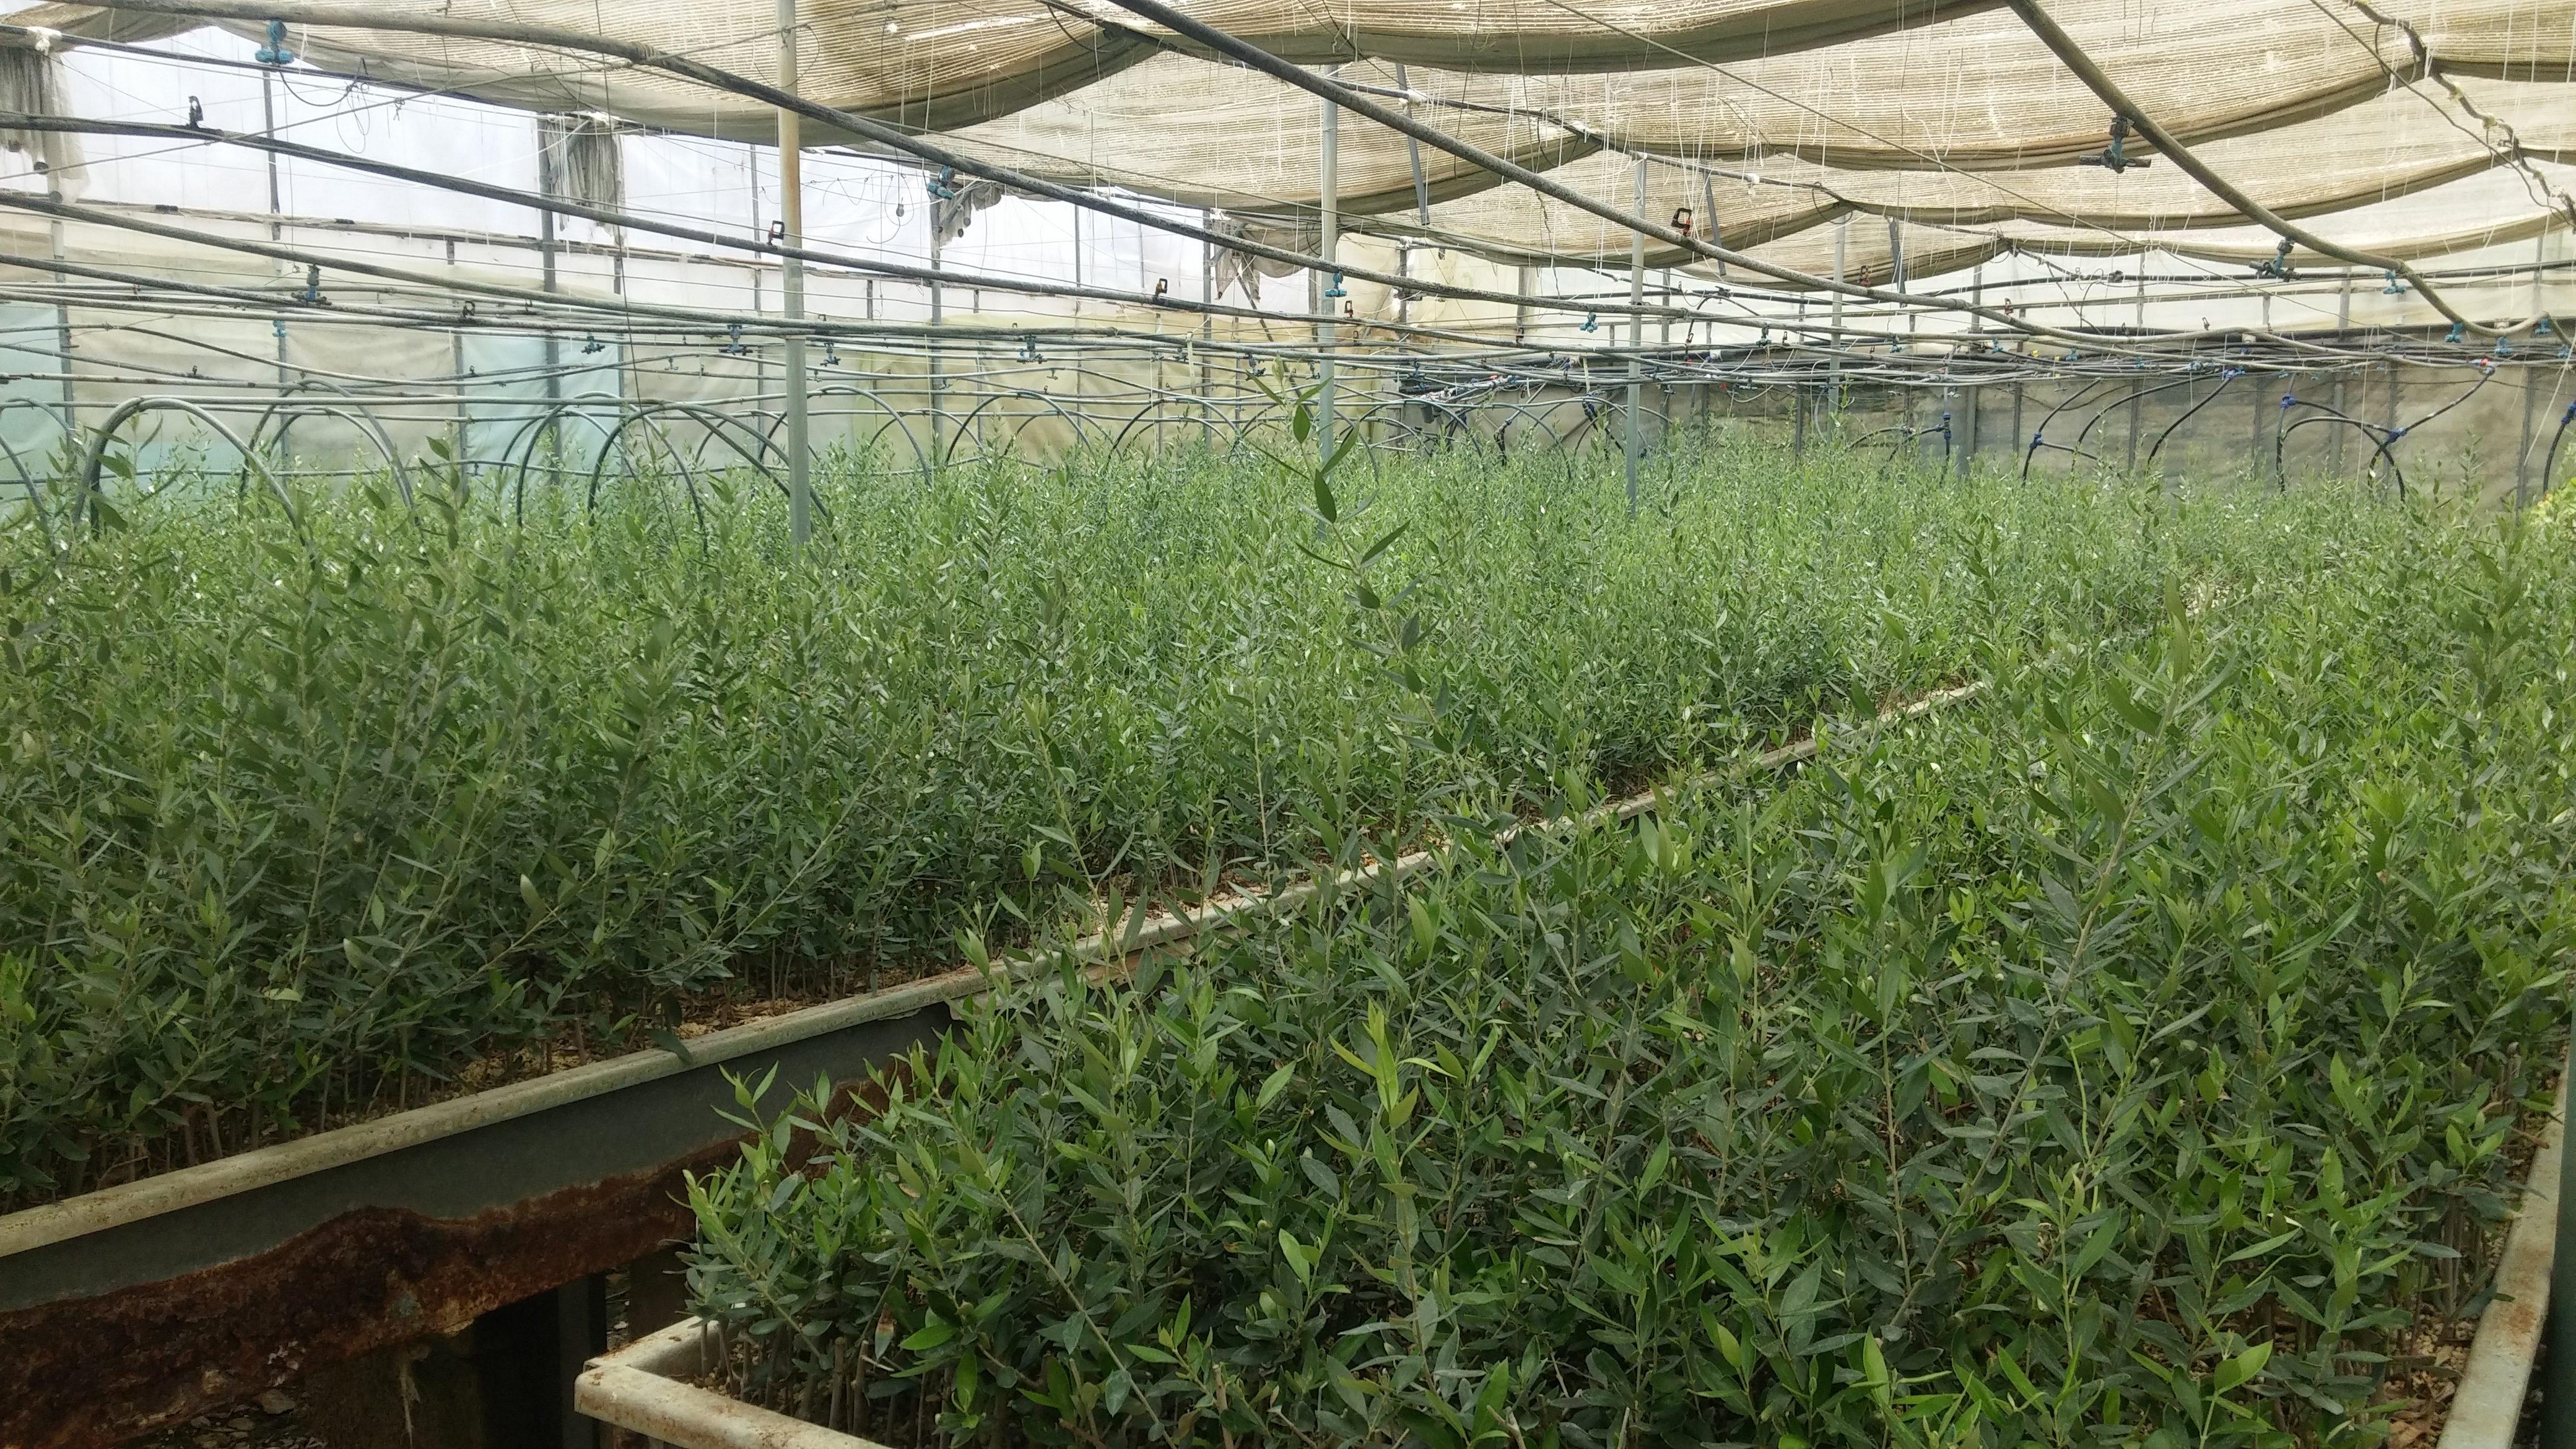 Η ποικιλία ελιάς Κορωνέικη είναι η ντόπια, παραδοσιακή ποικιλία ελιάς που υπάρχει στην Κρήτη